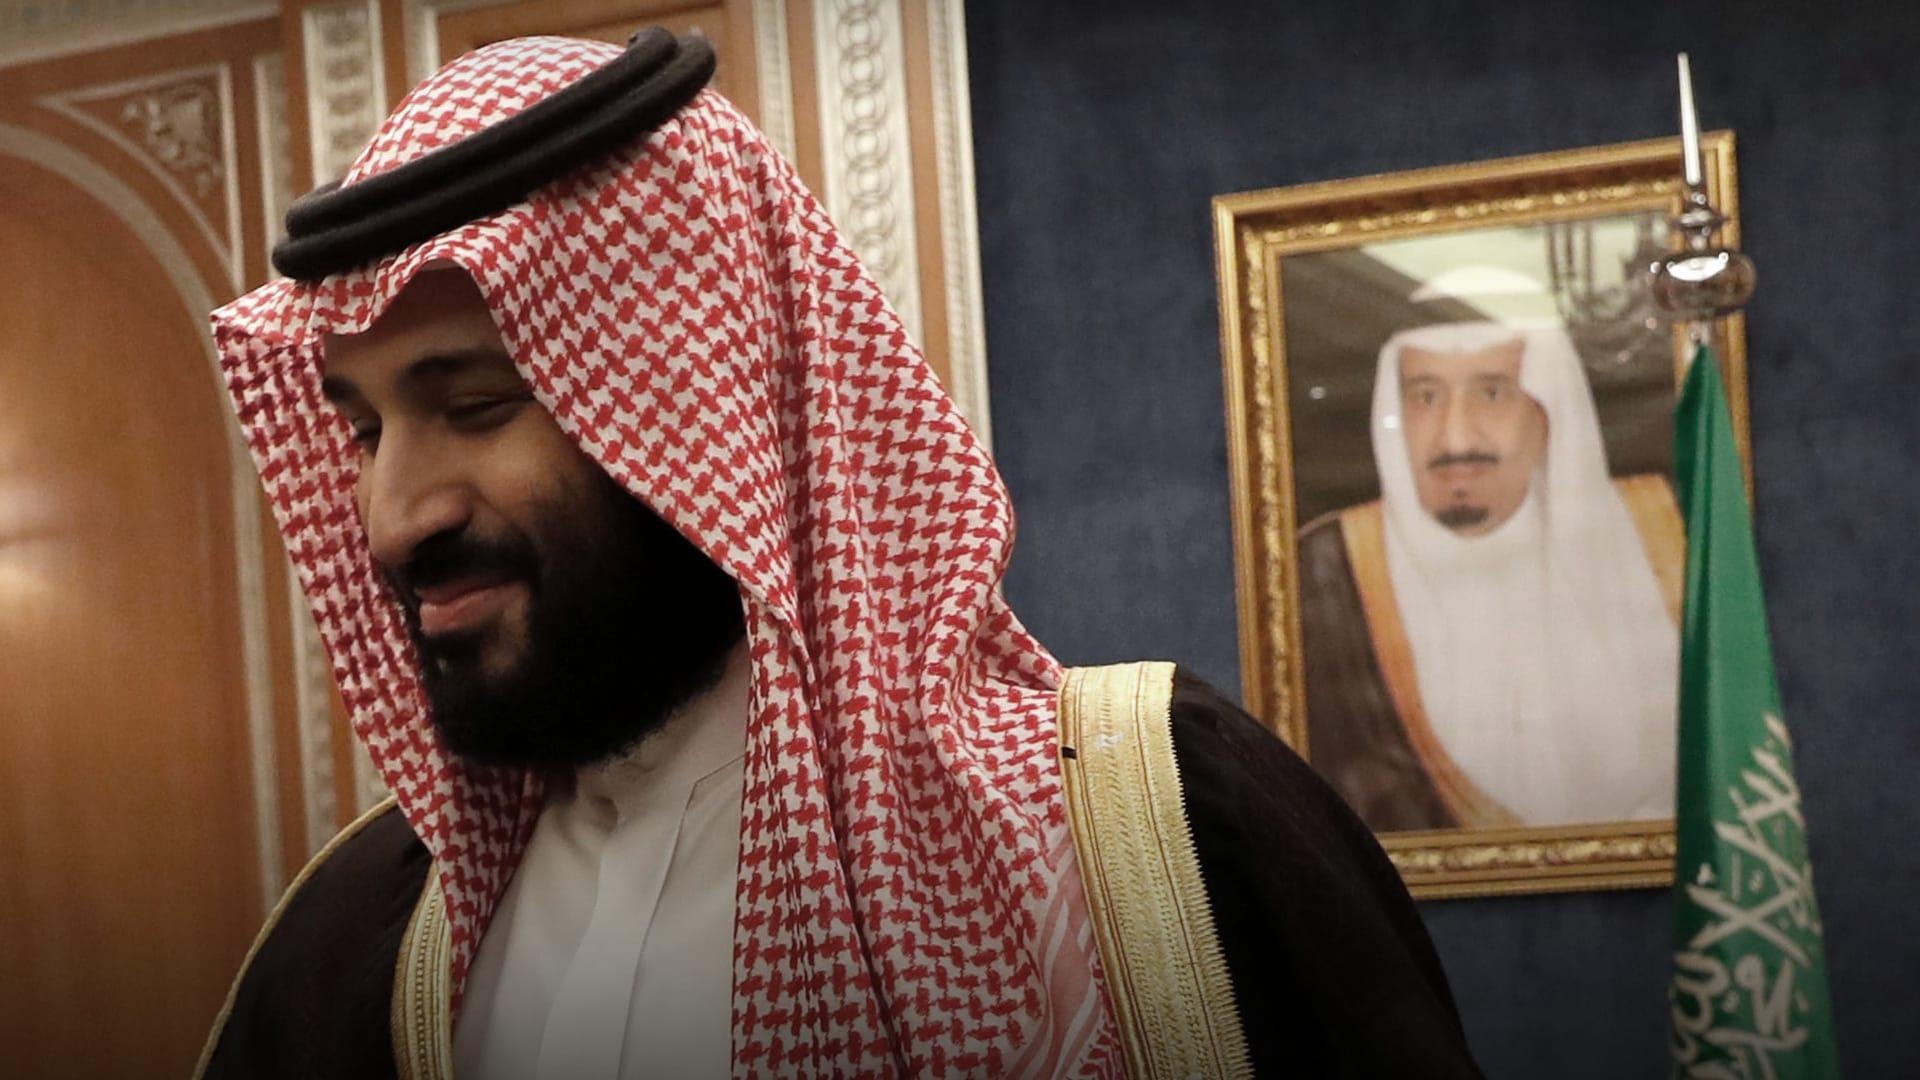 أبرز مواقف السعودية بأزمة خاشقجي بتسلسل زمني